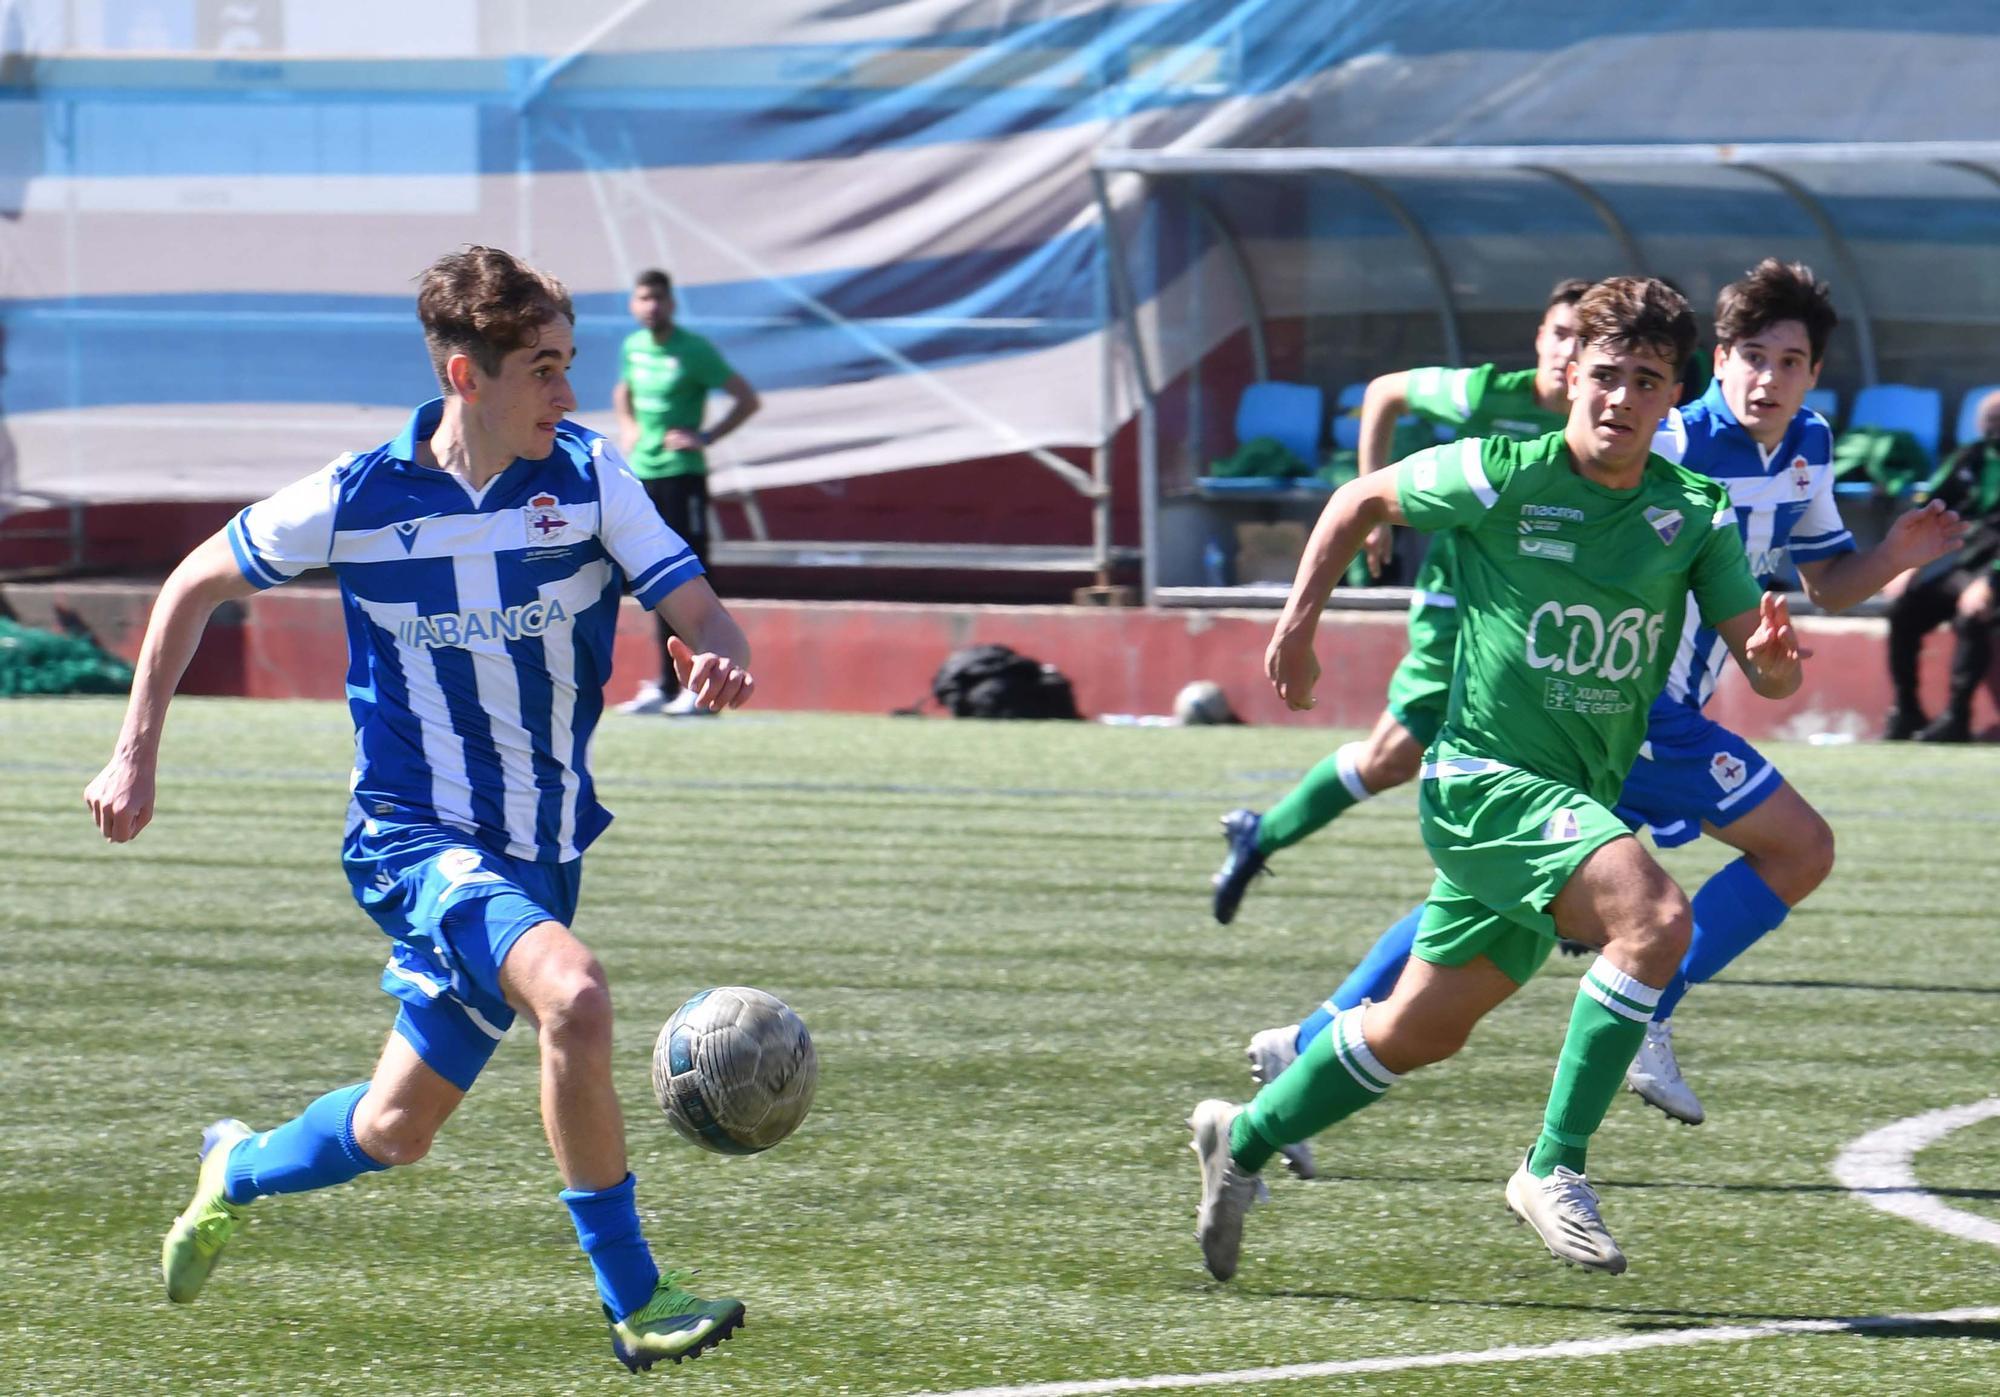 El Dépor juvenil le gana 0-2 al Calasanz y se impone en la fase gallega de la División de Honor